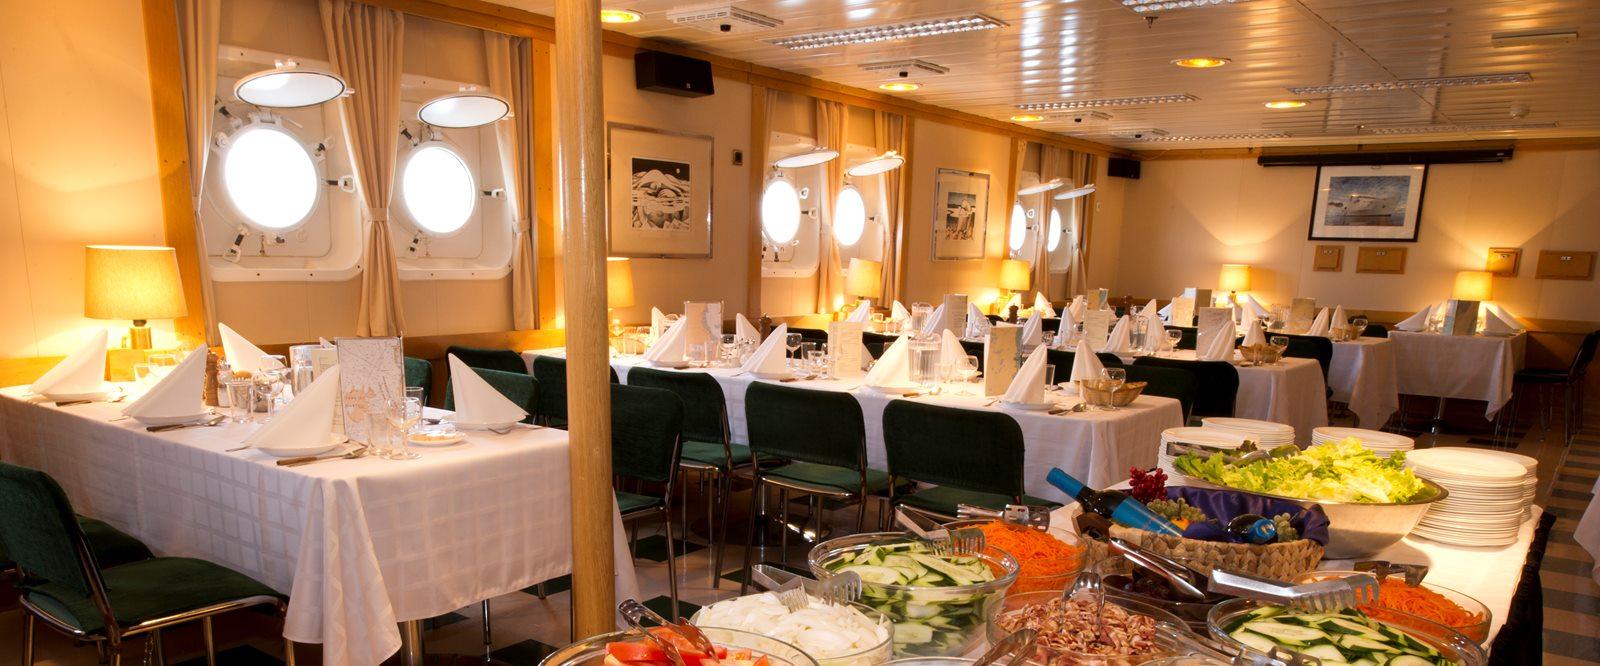 Akademik Ioffee Dining Room